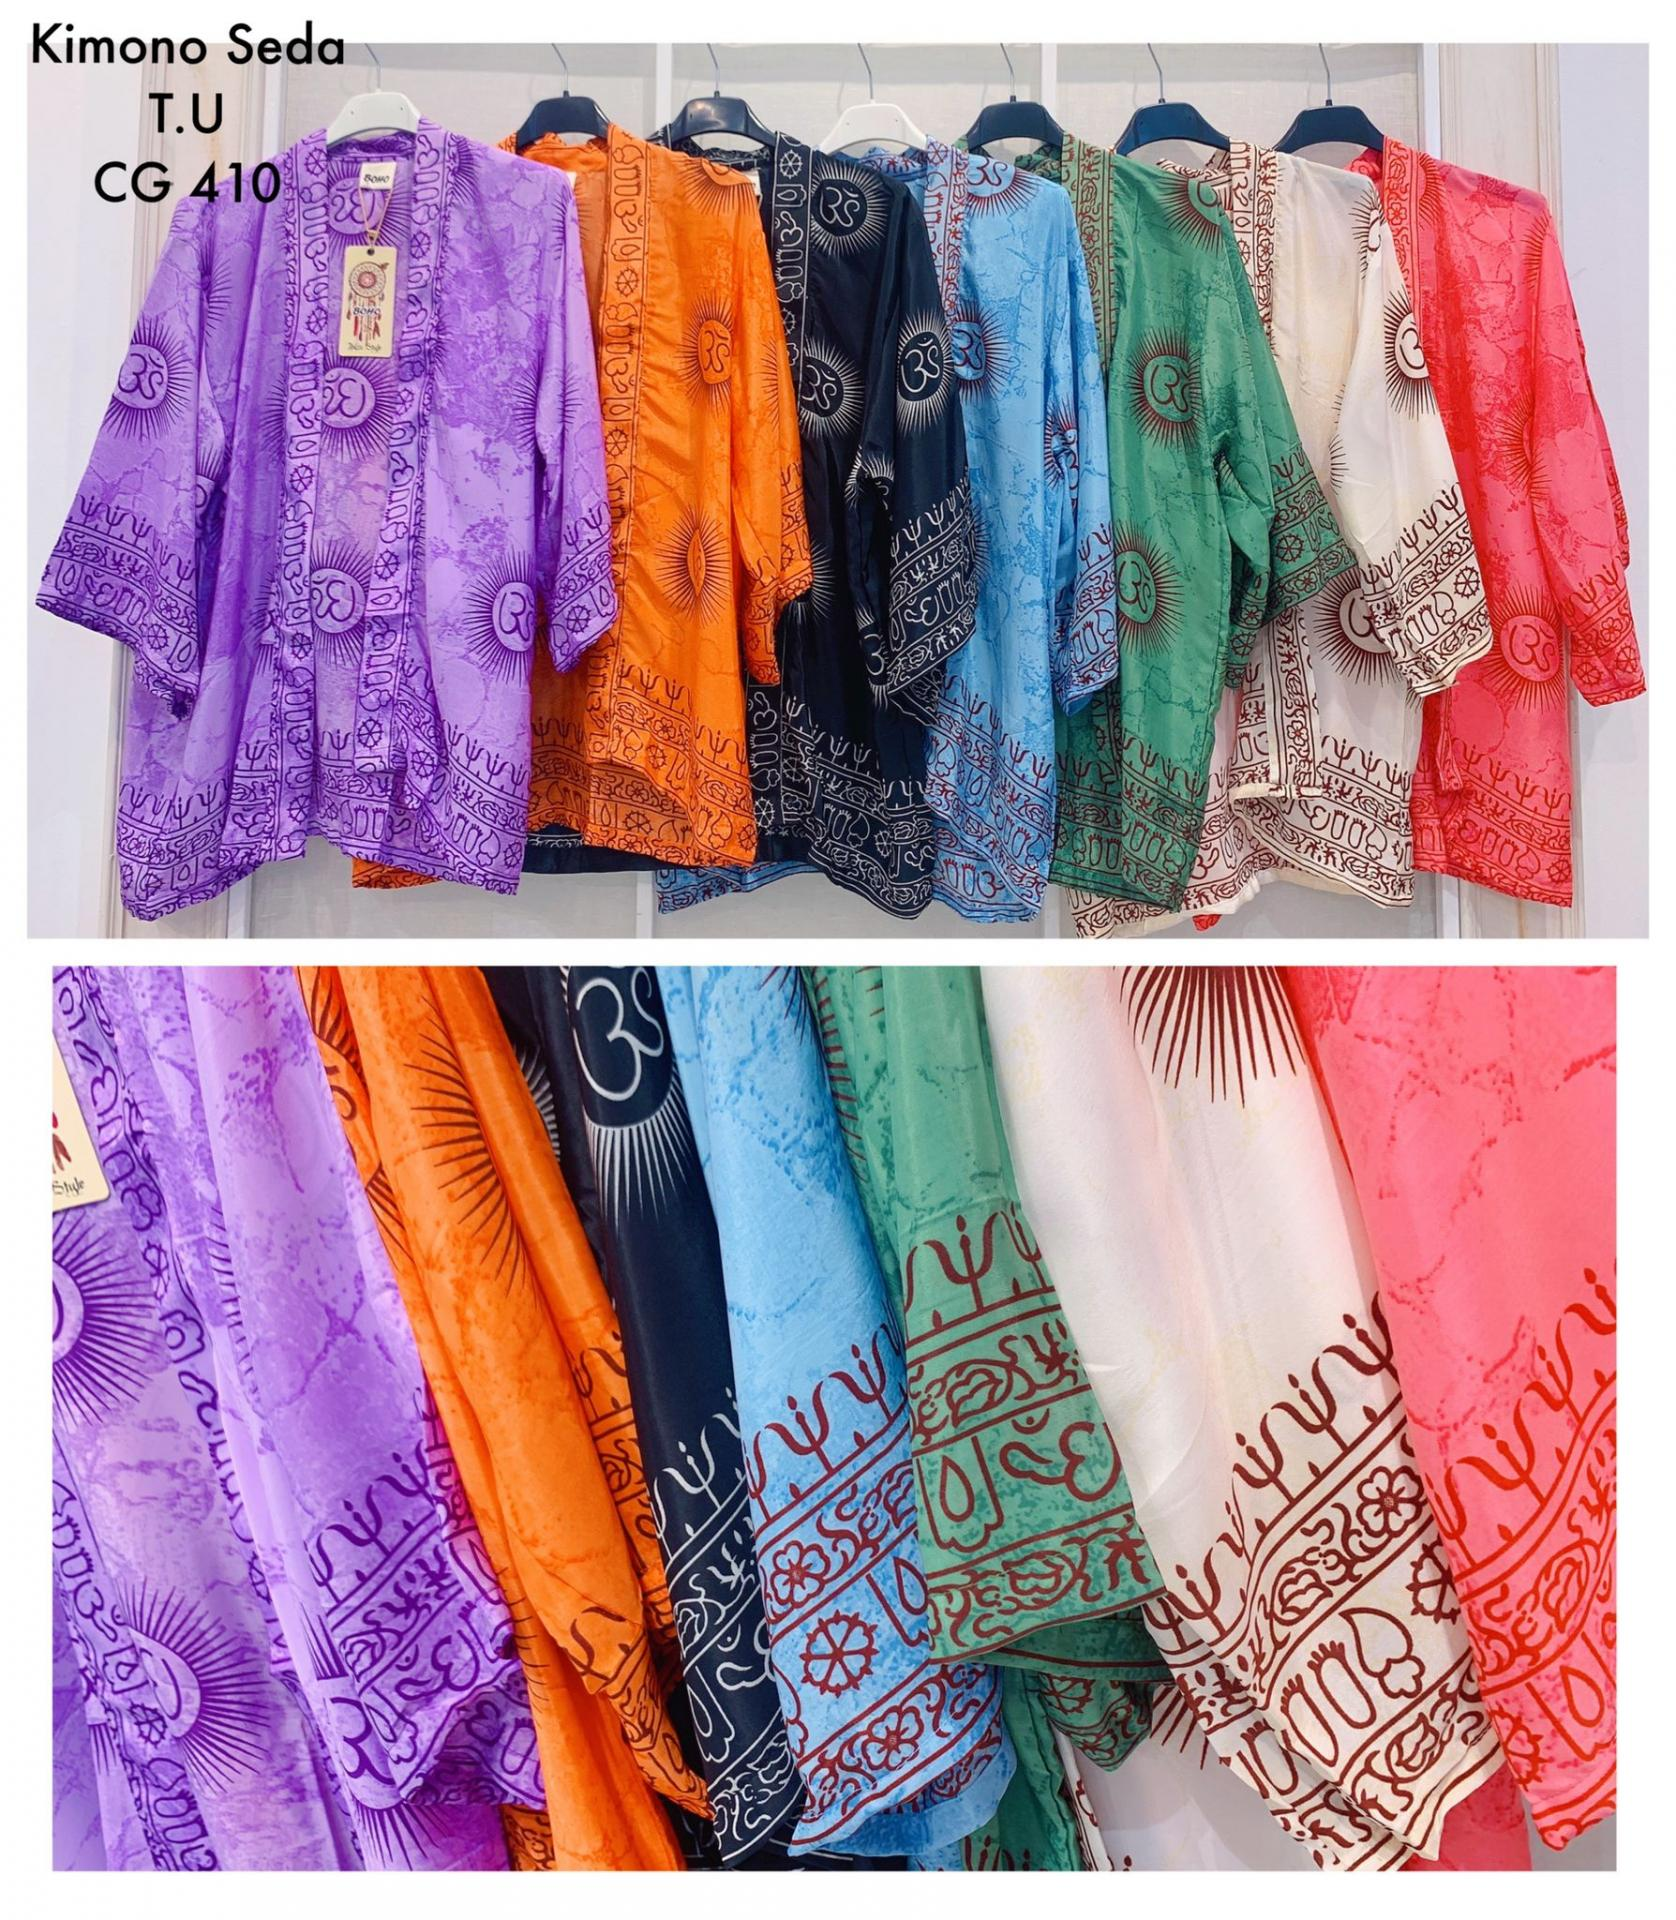 Kimono Seda Sol